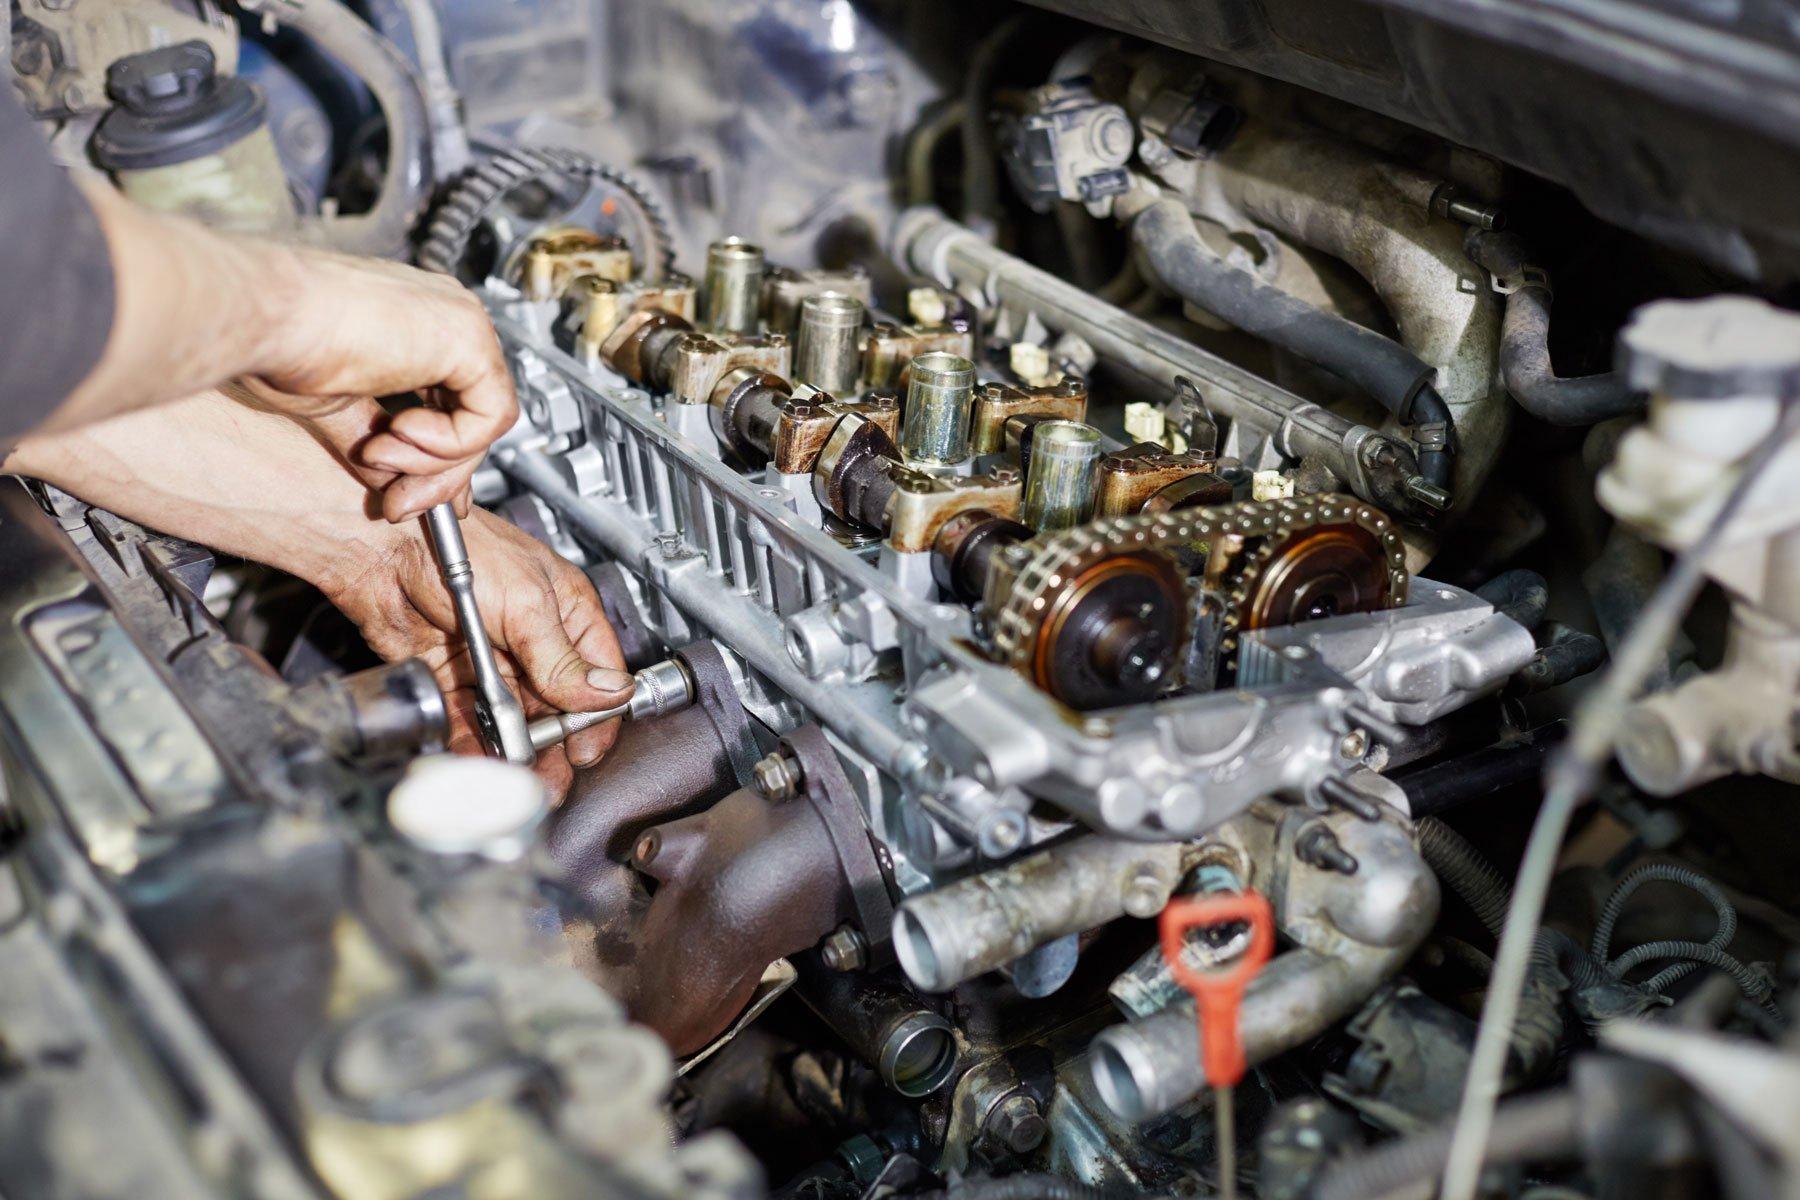 Meccanico sta avvitando una vite di una parte del motore di una vettura